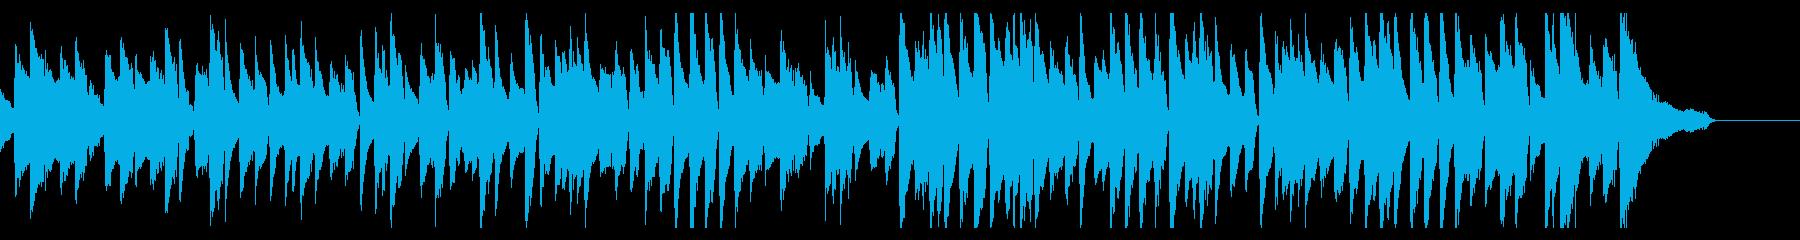 フランス映画をイメージしたピアノソロ楽曲の再生済みの波形